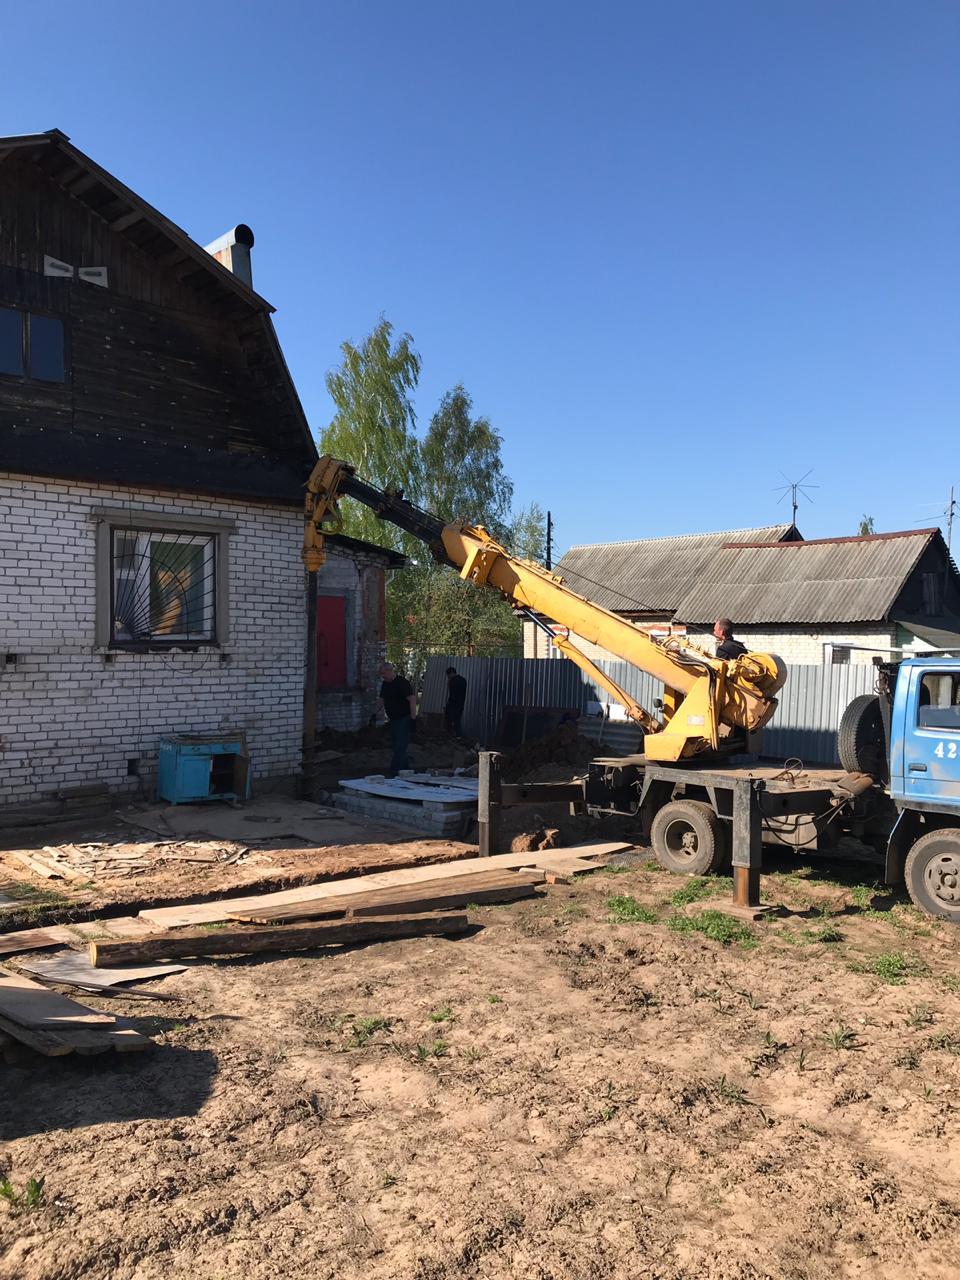 услуги строителей в Нижнем Новогороде